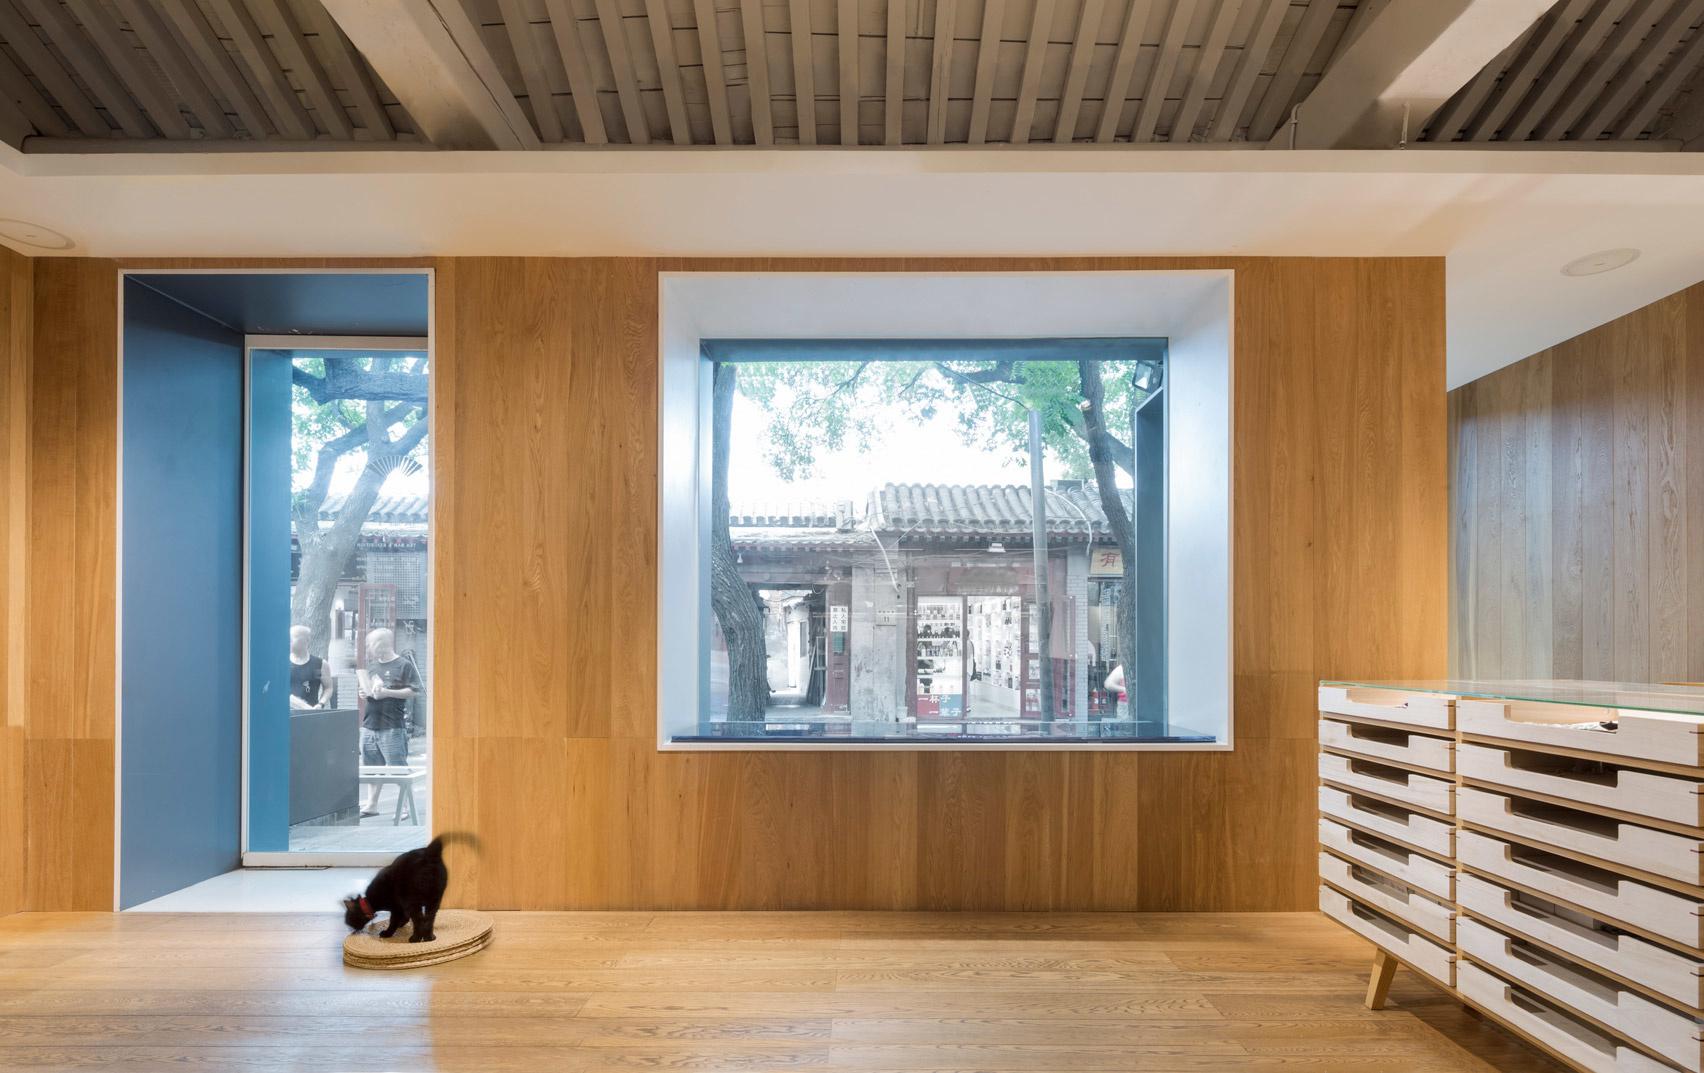 Магазин вееров в пекинском хутуне (галерея 6, фото 1)